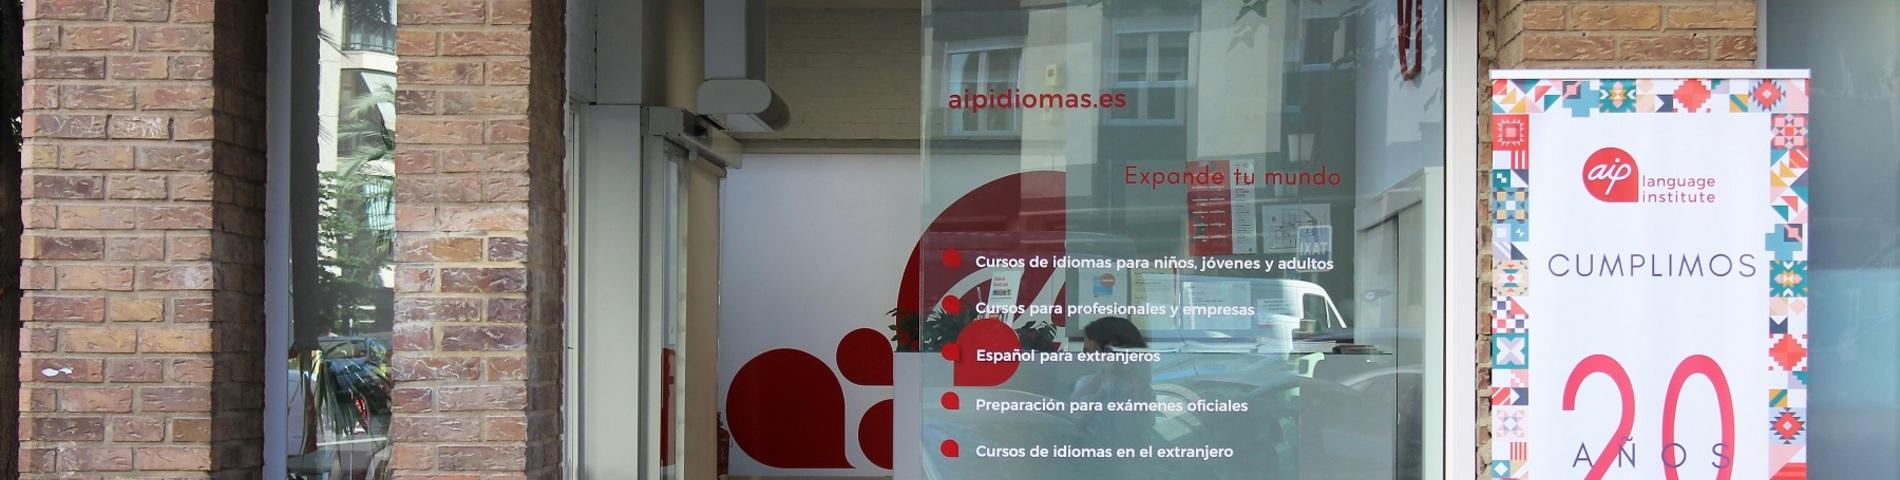 AIP Language Institute afbeelding 1